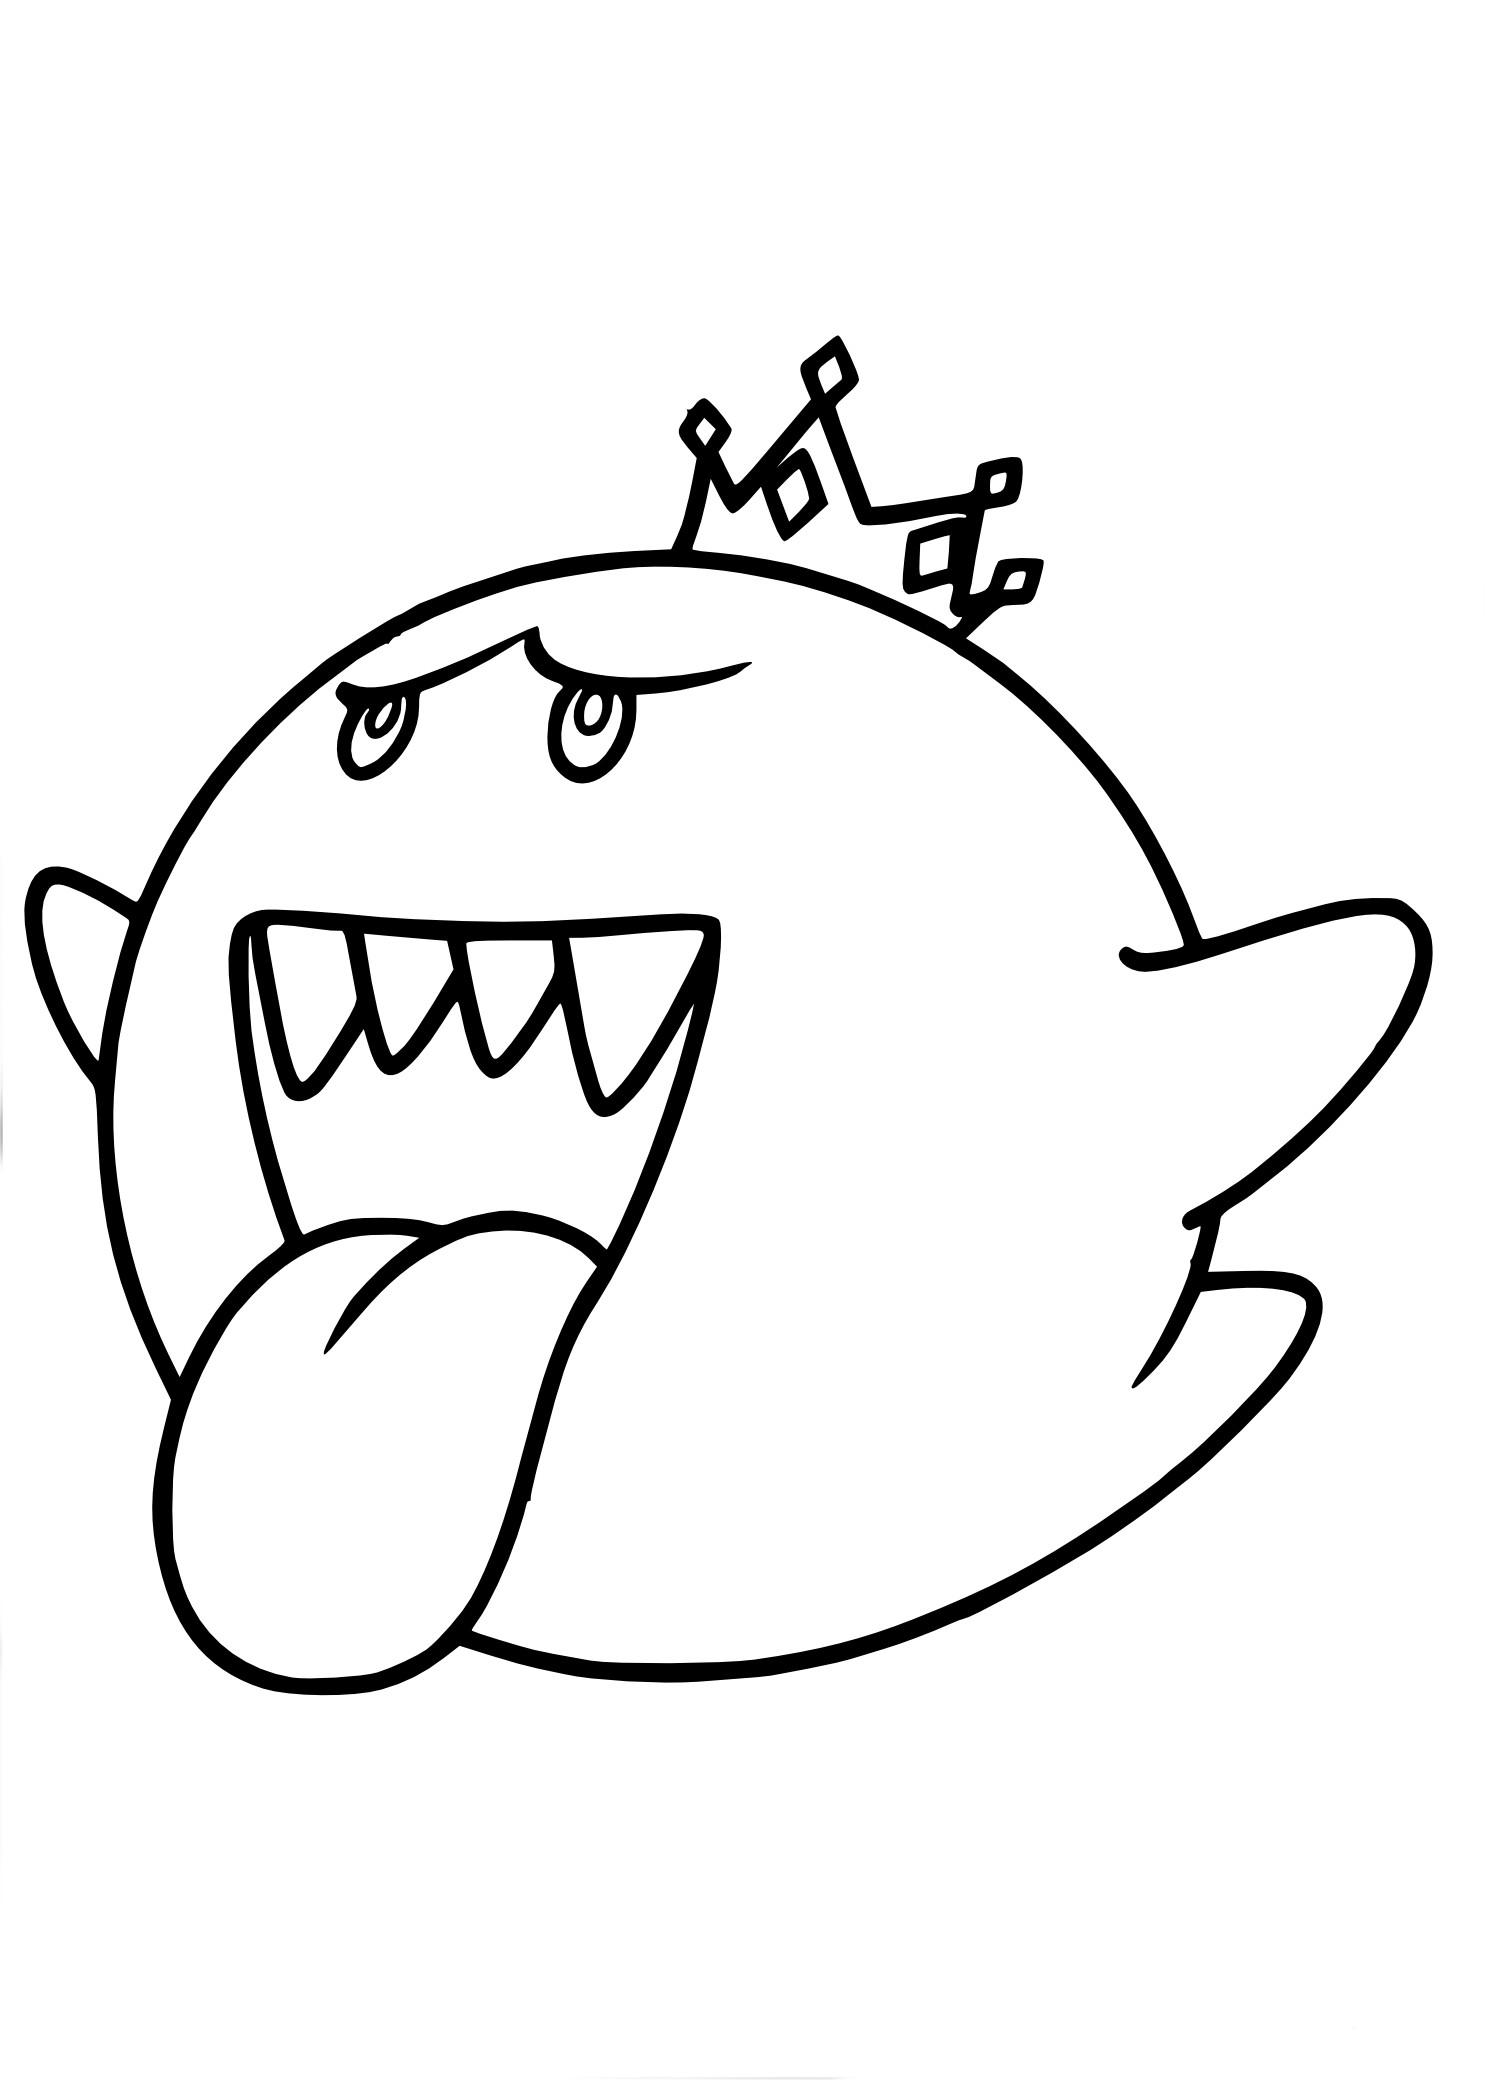 Coloriage Mario Roi Boo